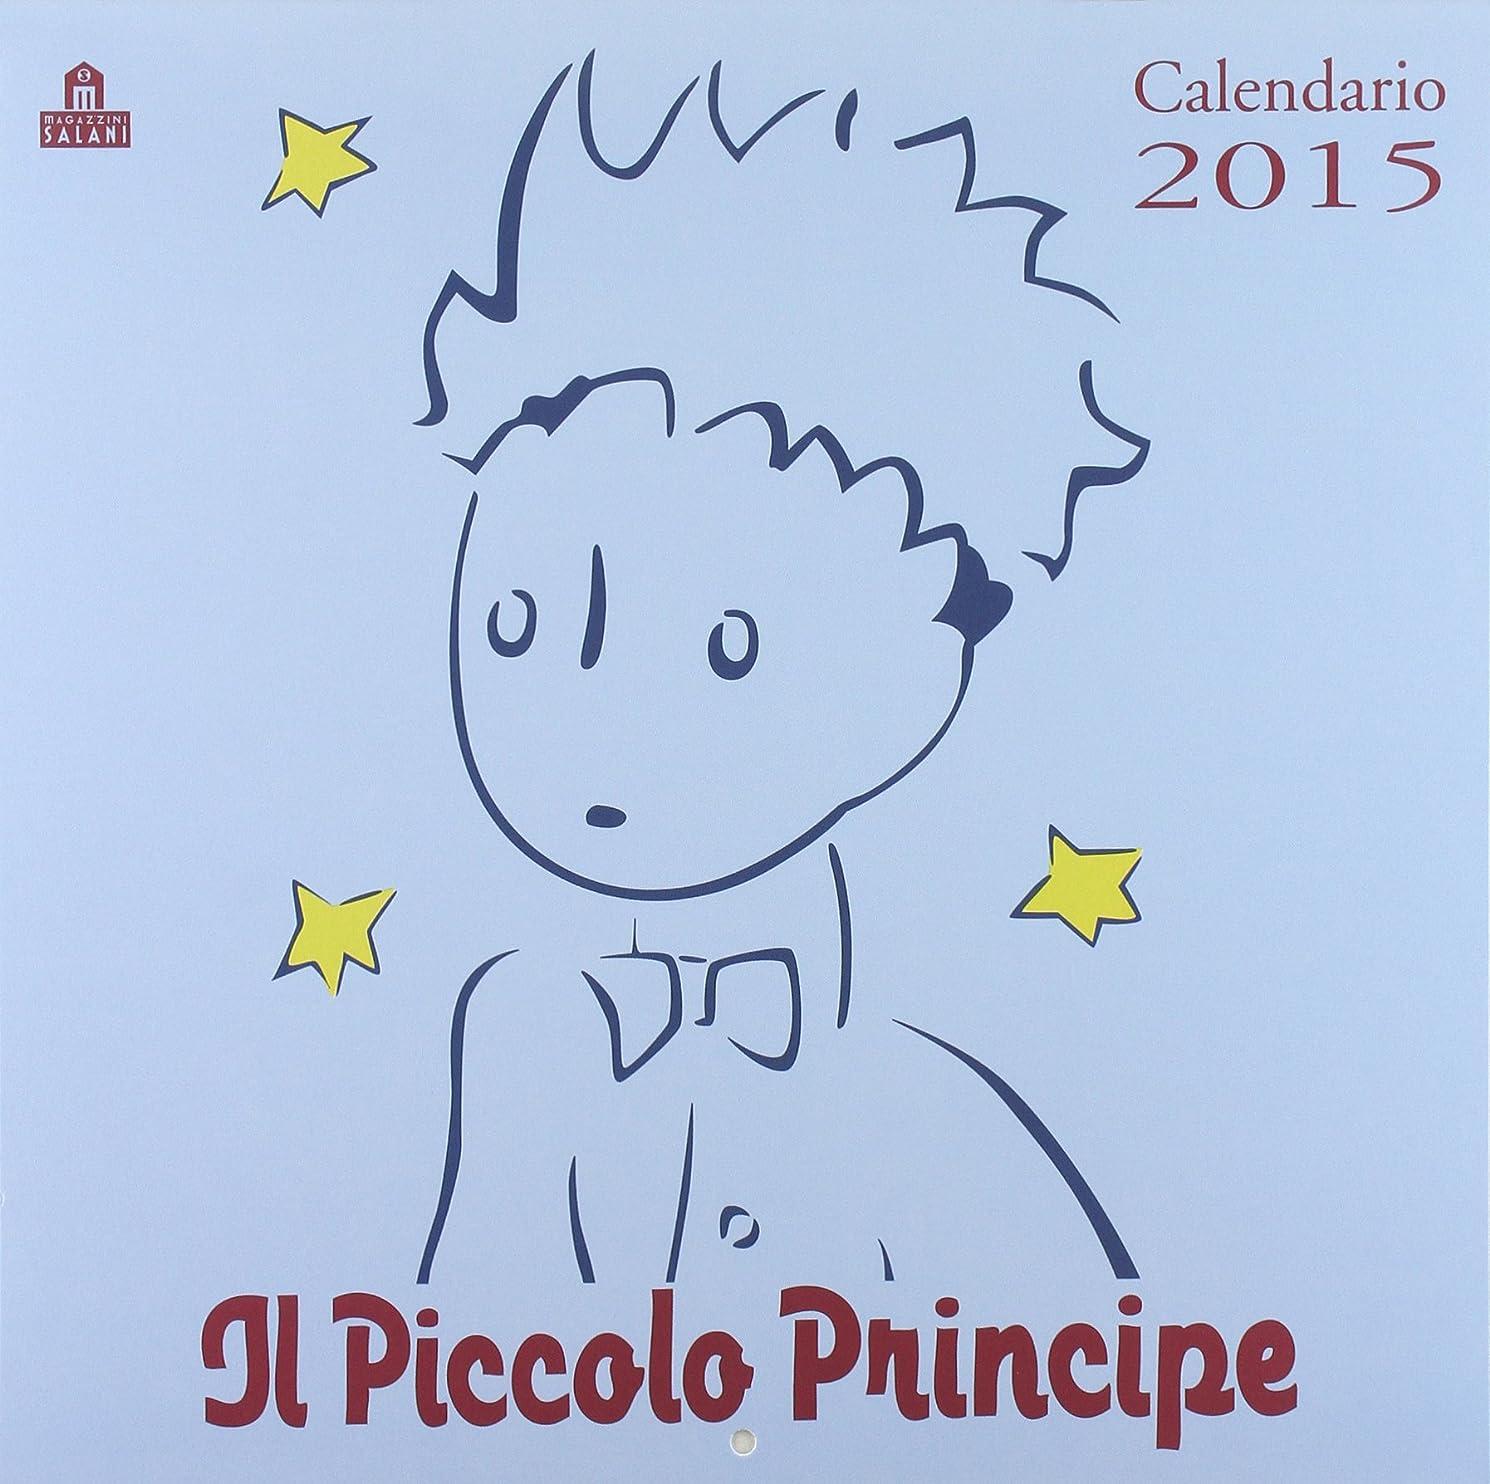 スーダン完全にセッションIl Piccolo Principe. Calendario 2015